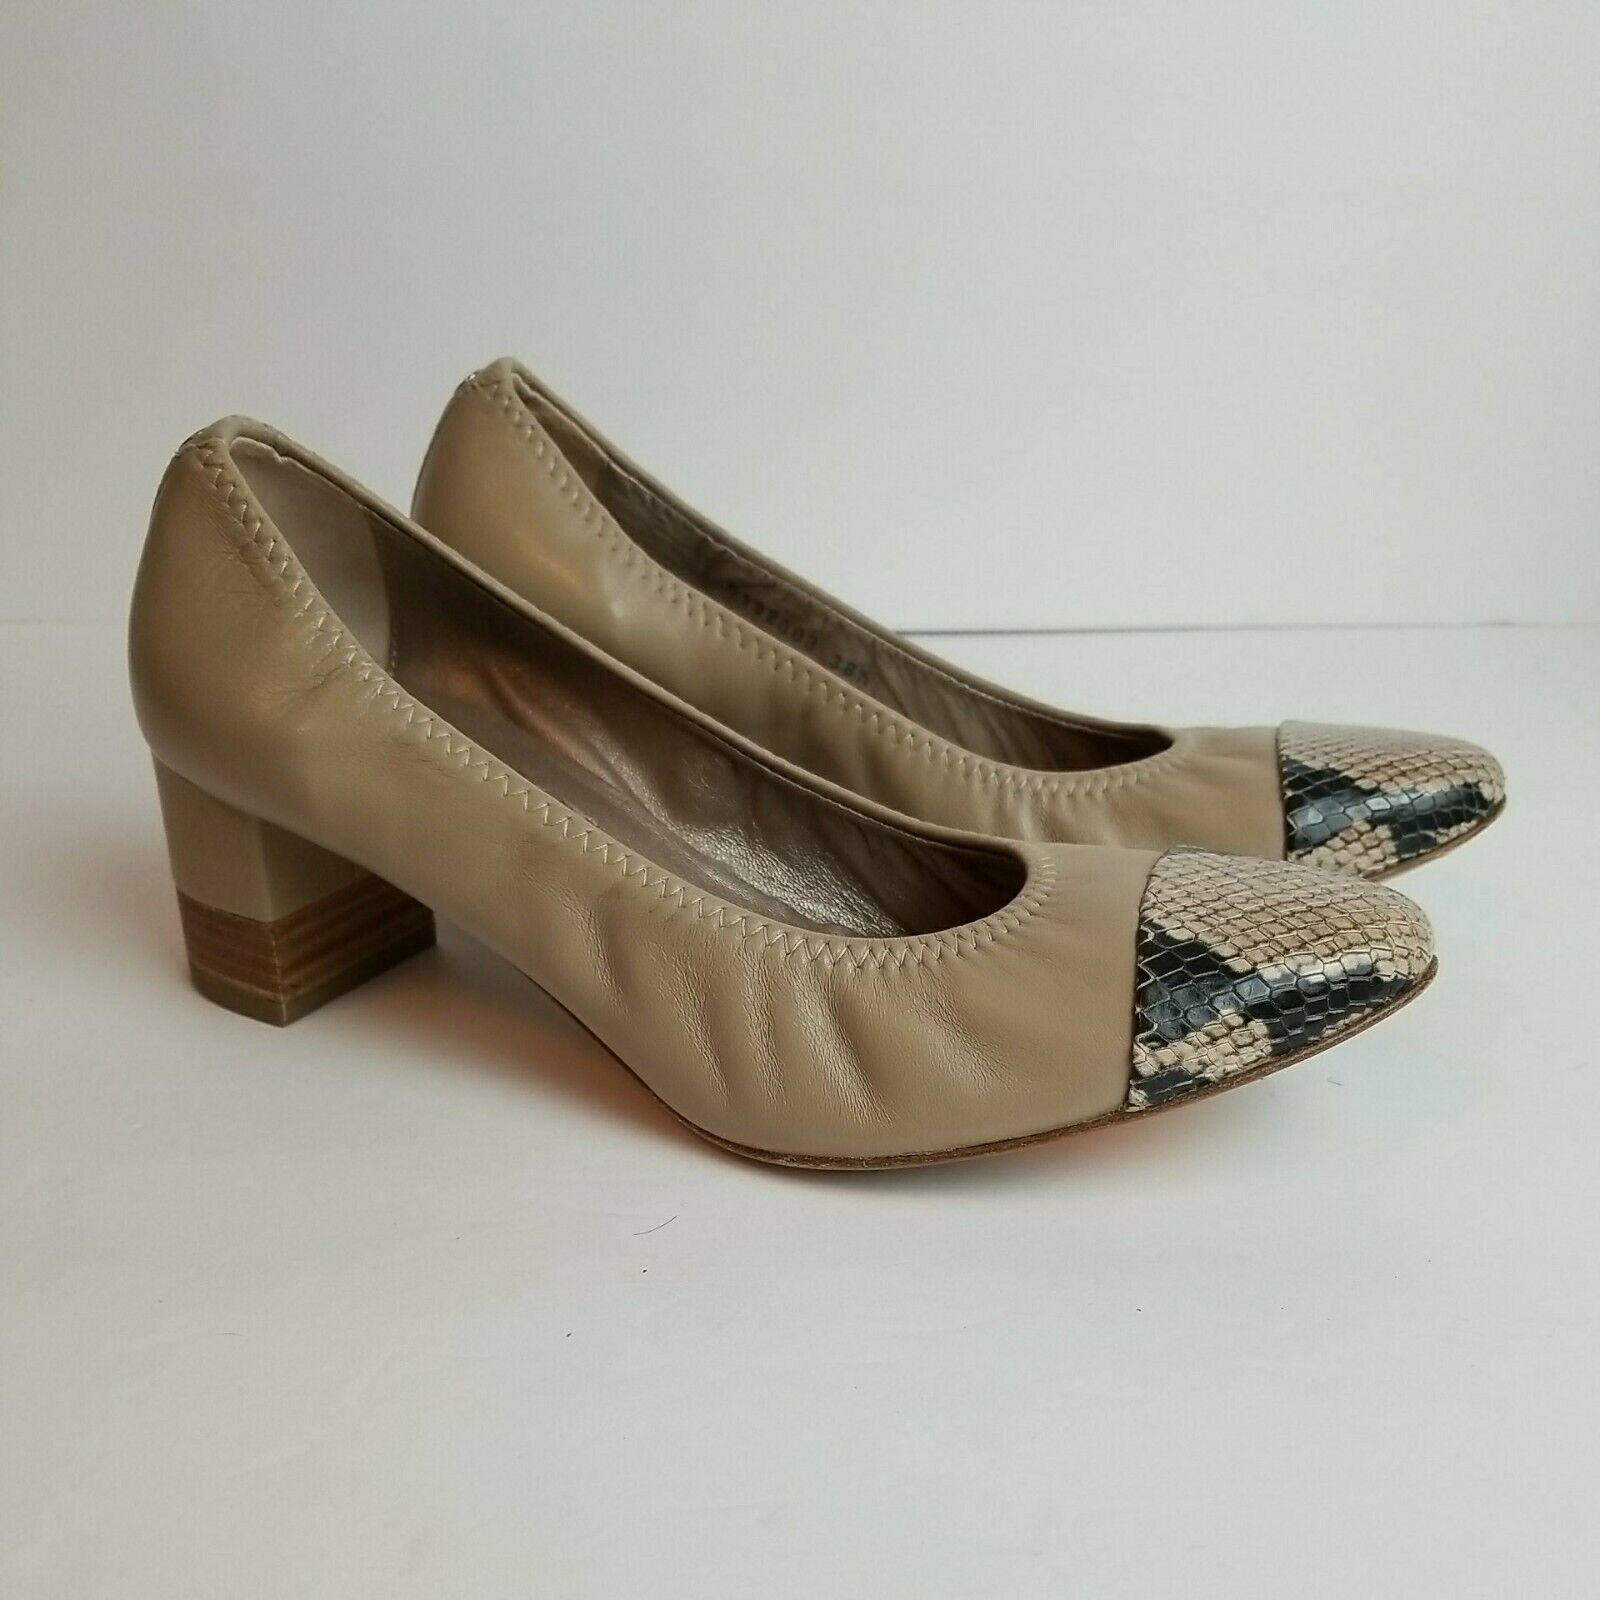 Leather AGL ATTILIO GIUSTI LEOMBRUNI Beige Snake Cap Toe Pumps Heel 38.5 / 8.5